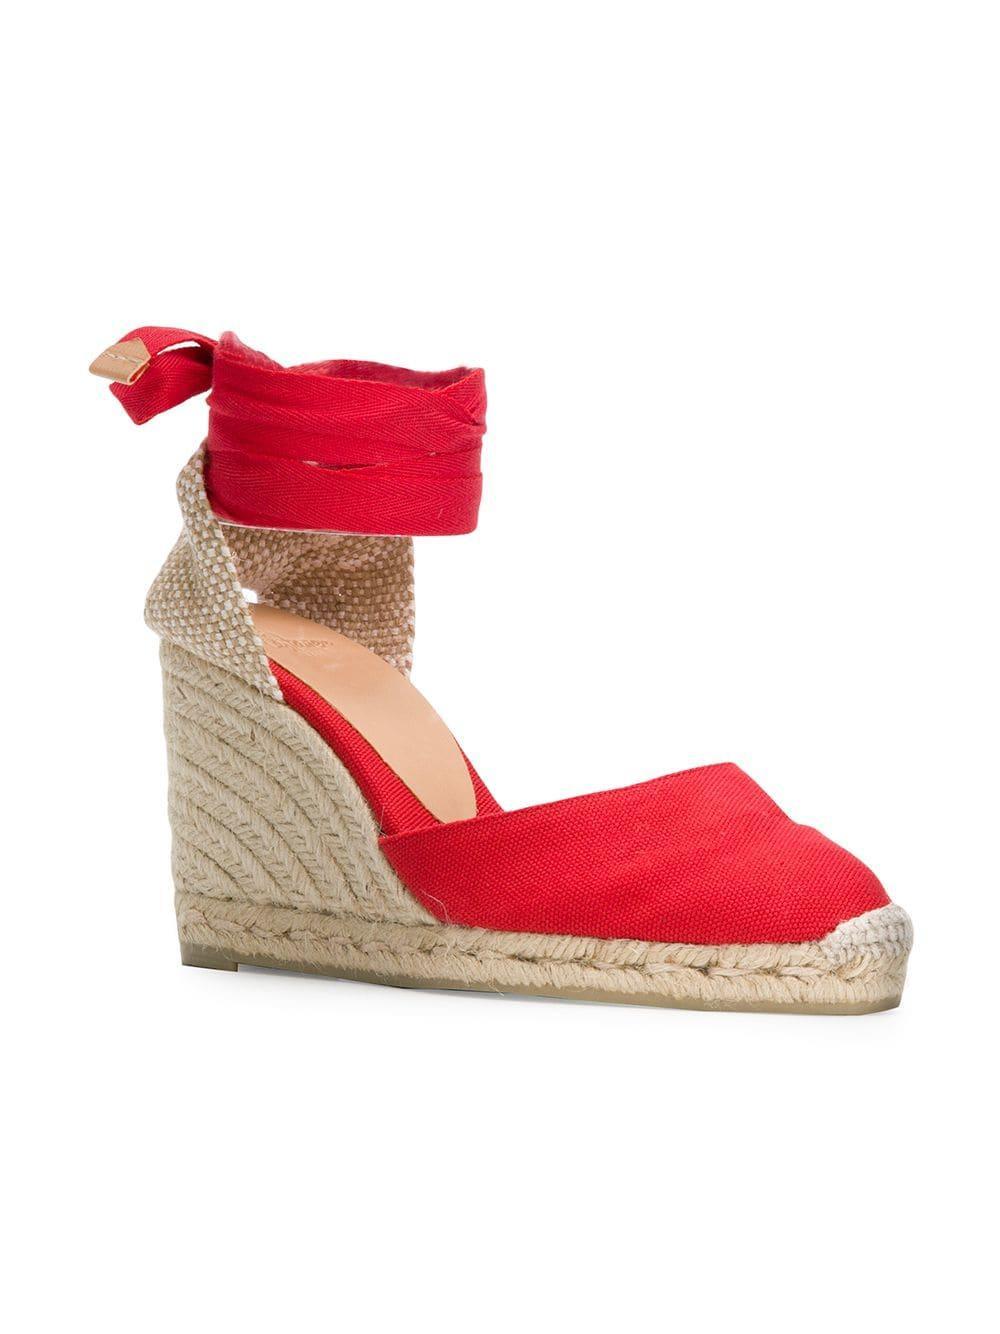 46a3fc662af Lyst - Castaner Ankle Fastened Wedge Espadrilles in Red